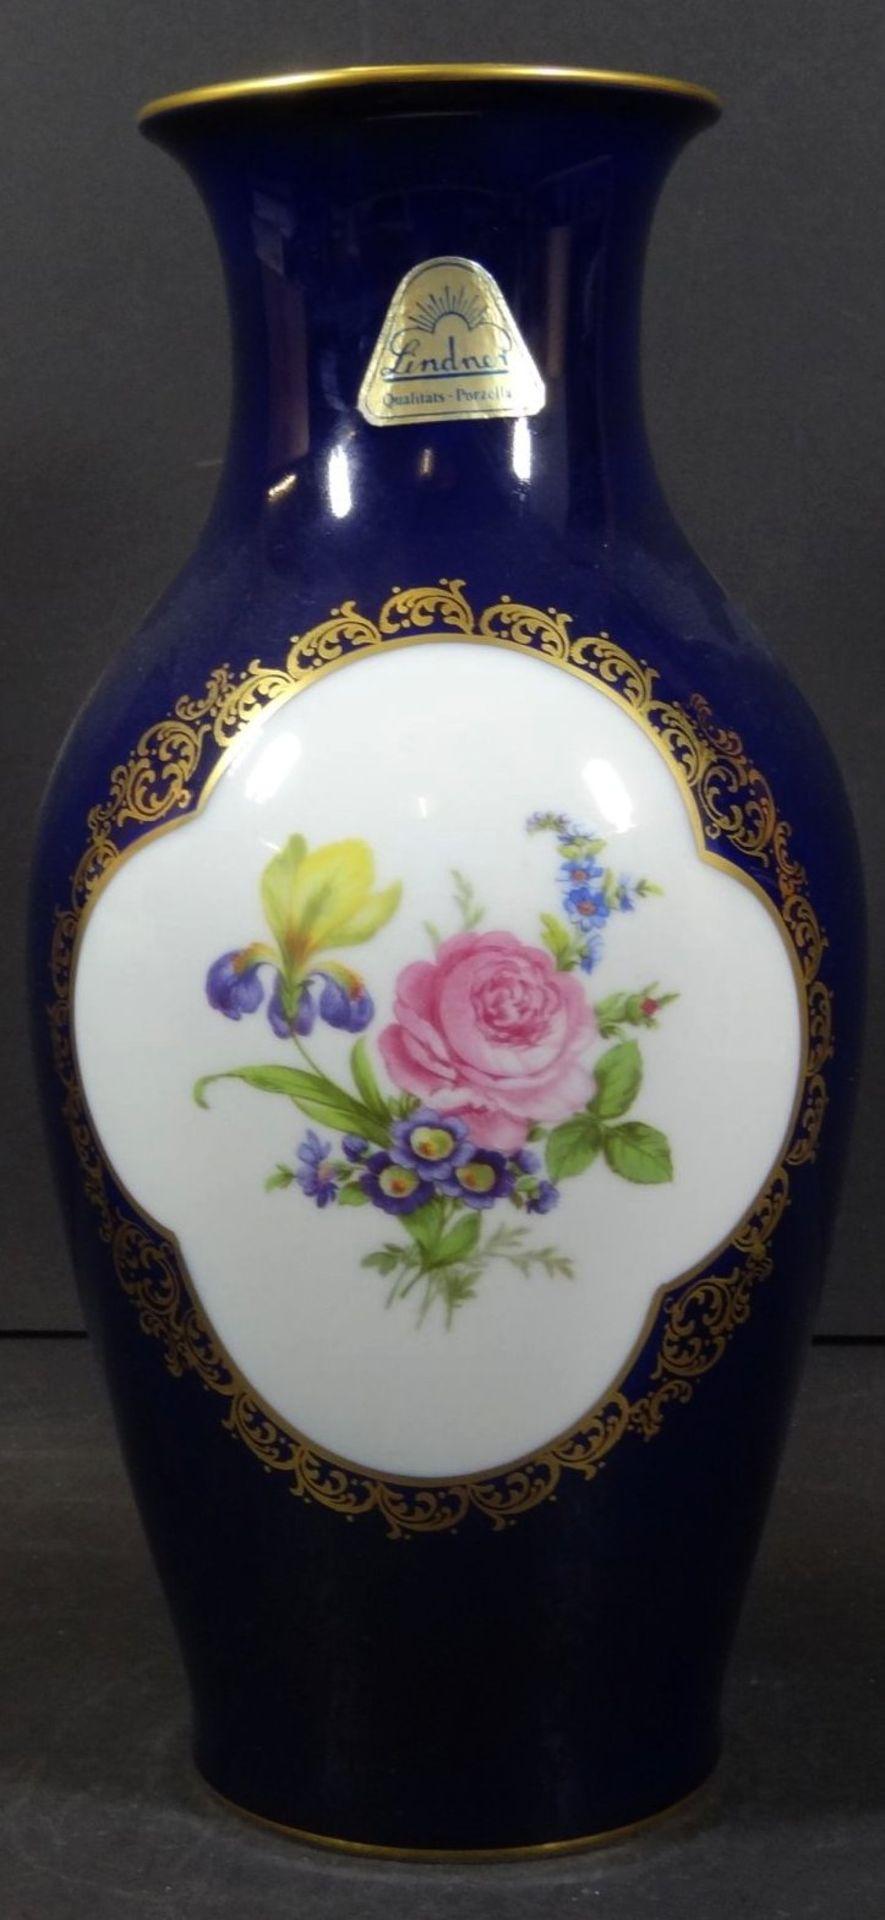 Los 1014 - 4x div Vasen mit Kobalt/Gold und Blumenmalerei, H-23 bis 26 cm,